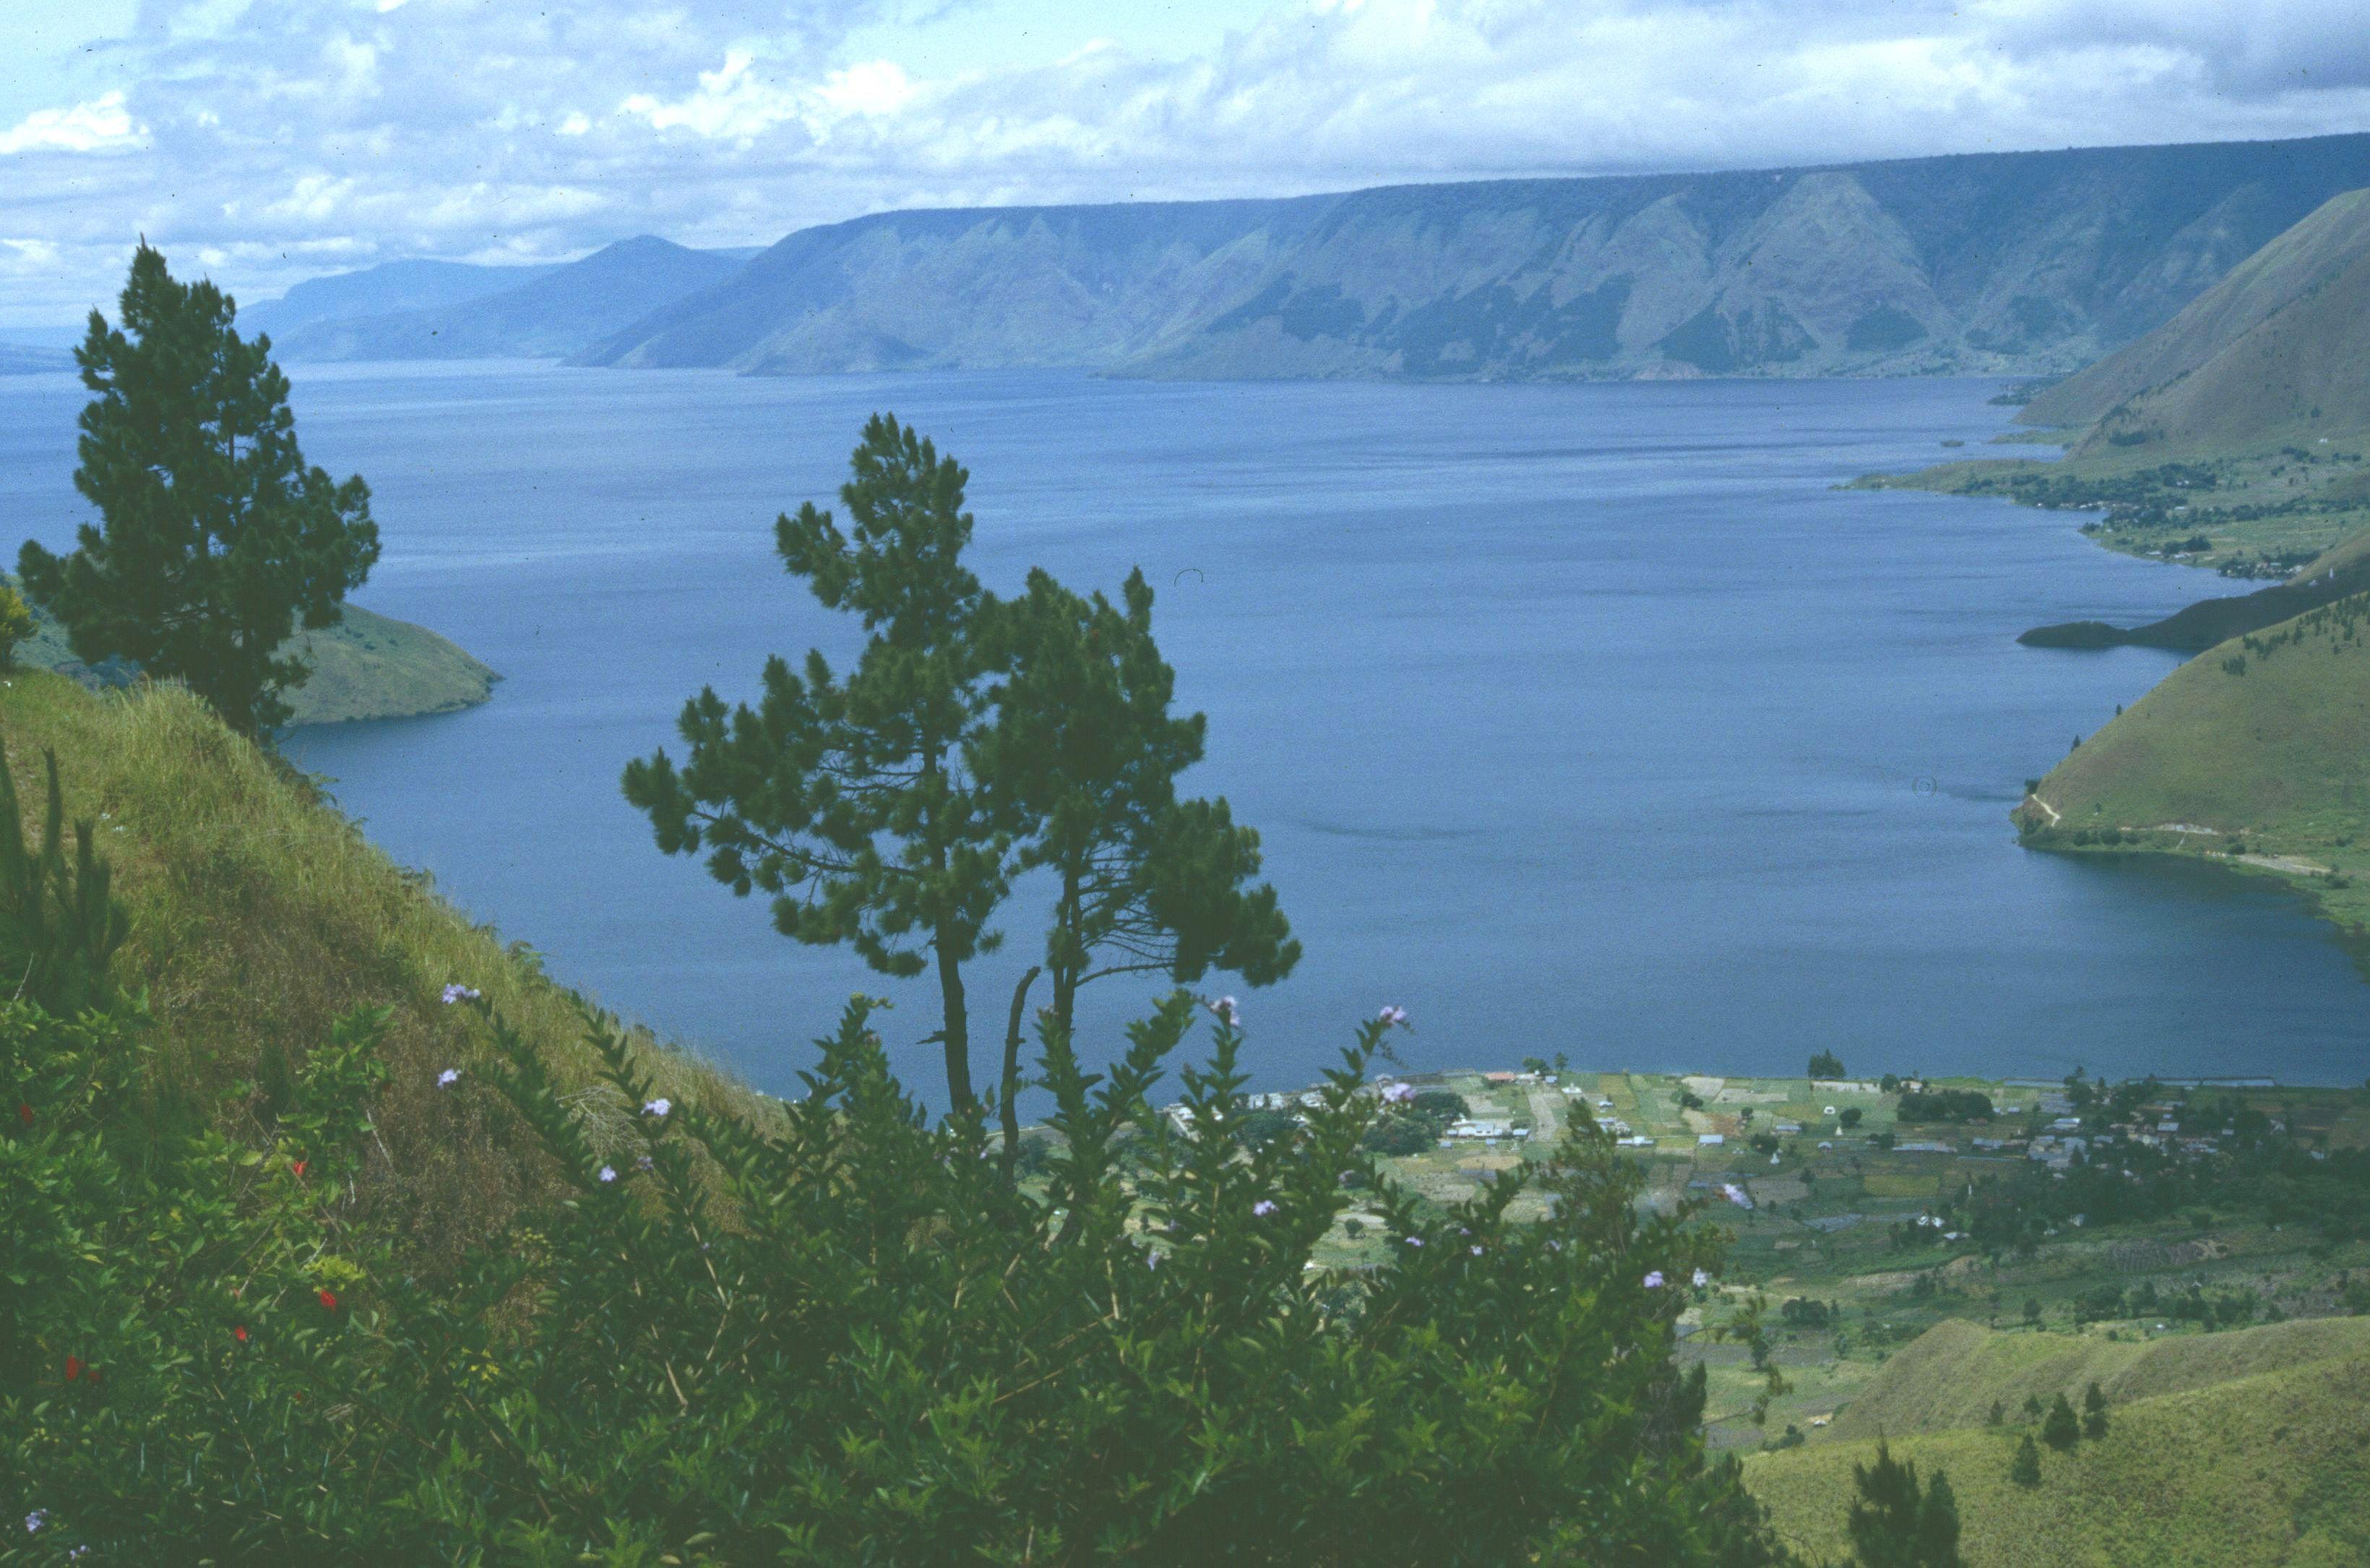 Danau Toba yang kita kenal saat ini merupakan danau tekto-vulkanik terbesar di dunia yang terbentuk sekitar 75 ribu tahun lalu.